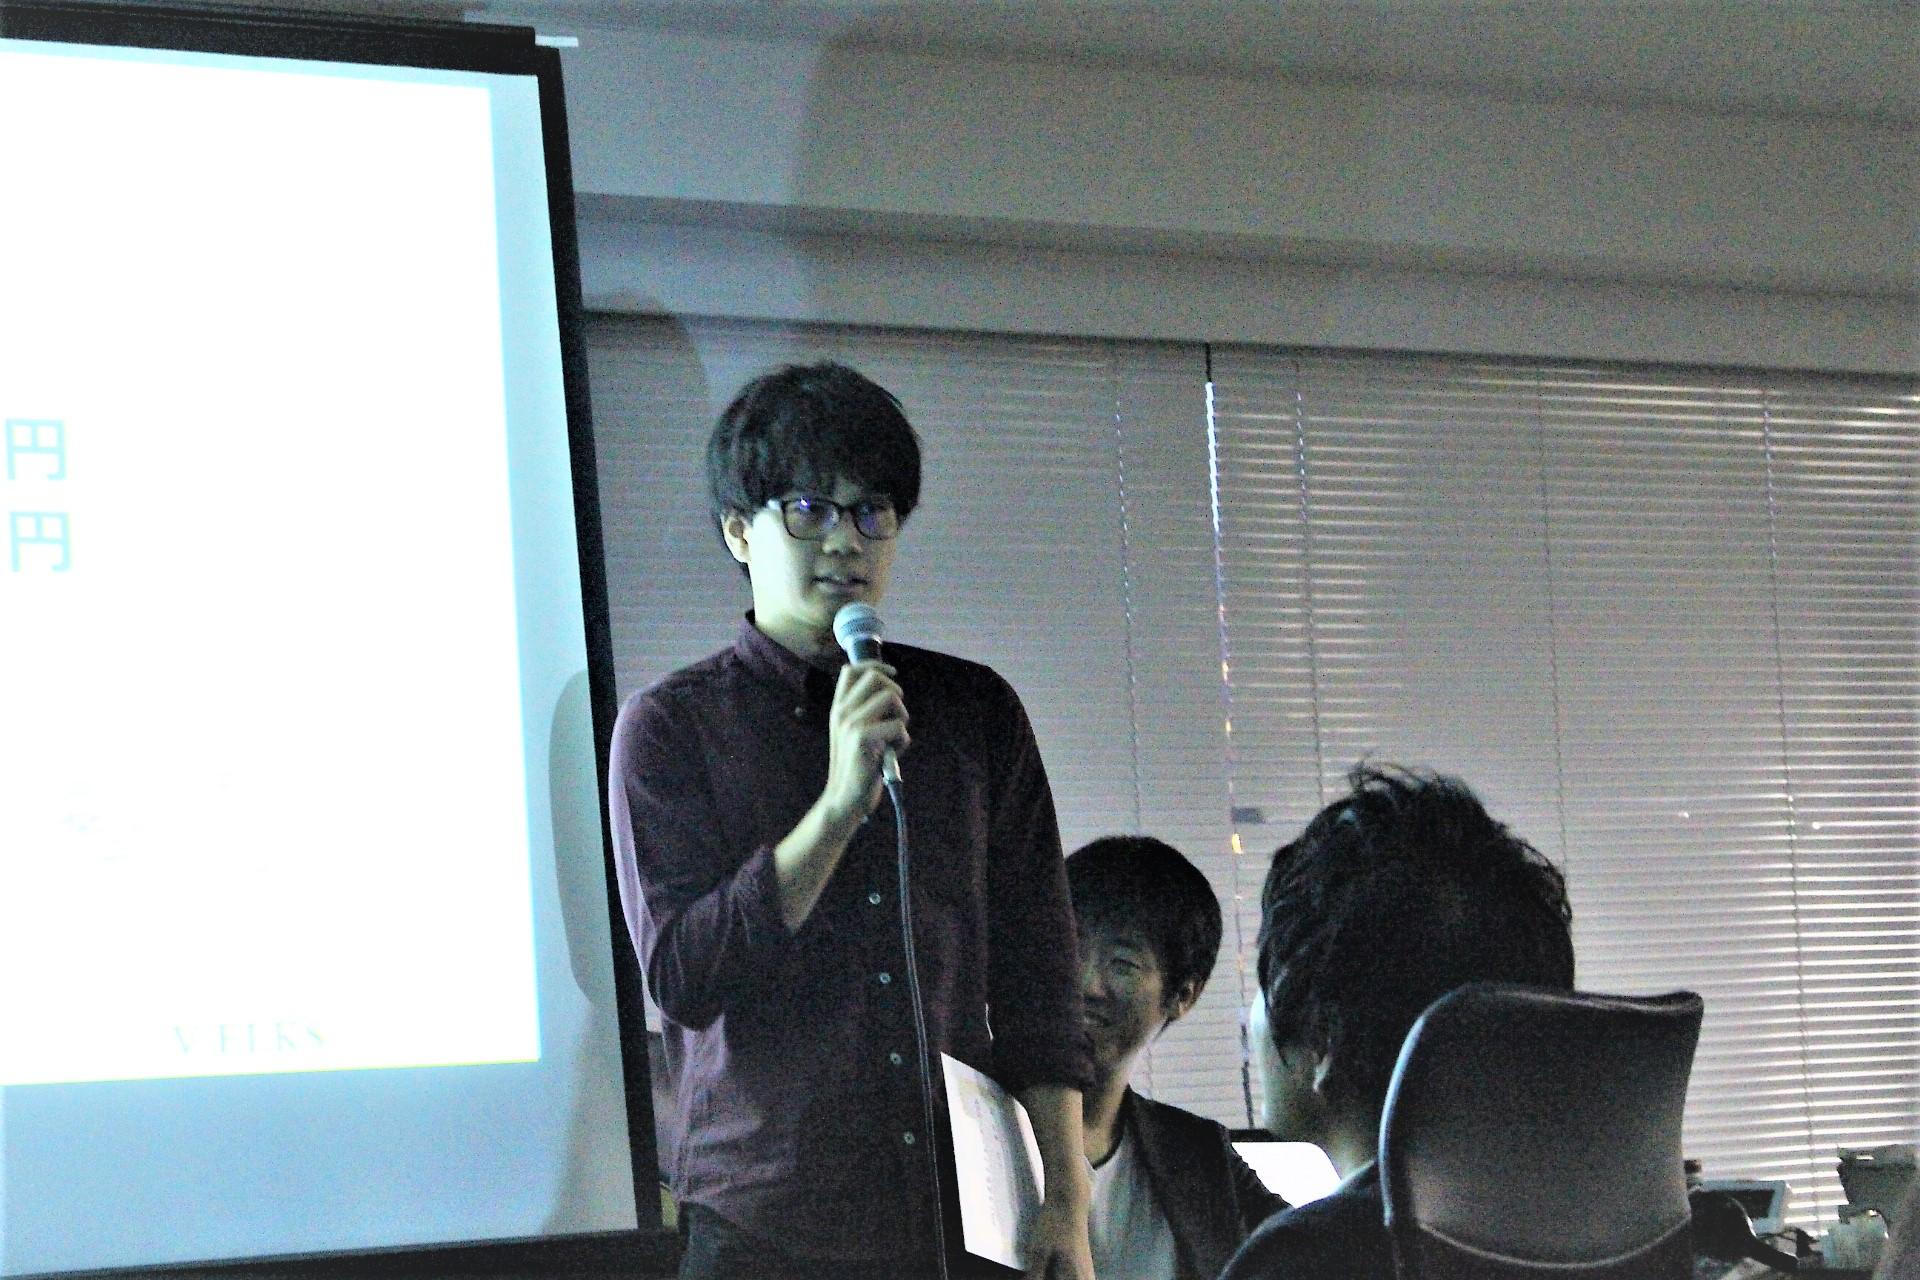 SHOHEI OGAWA